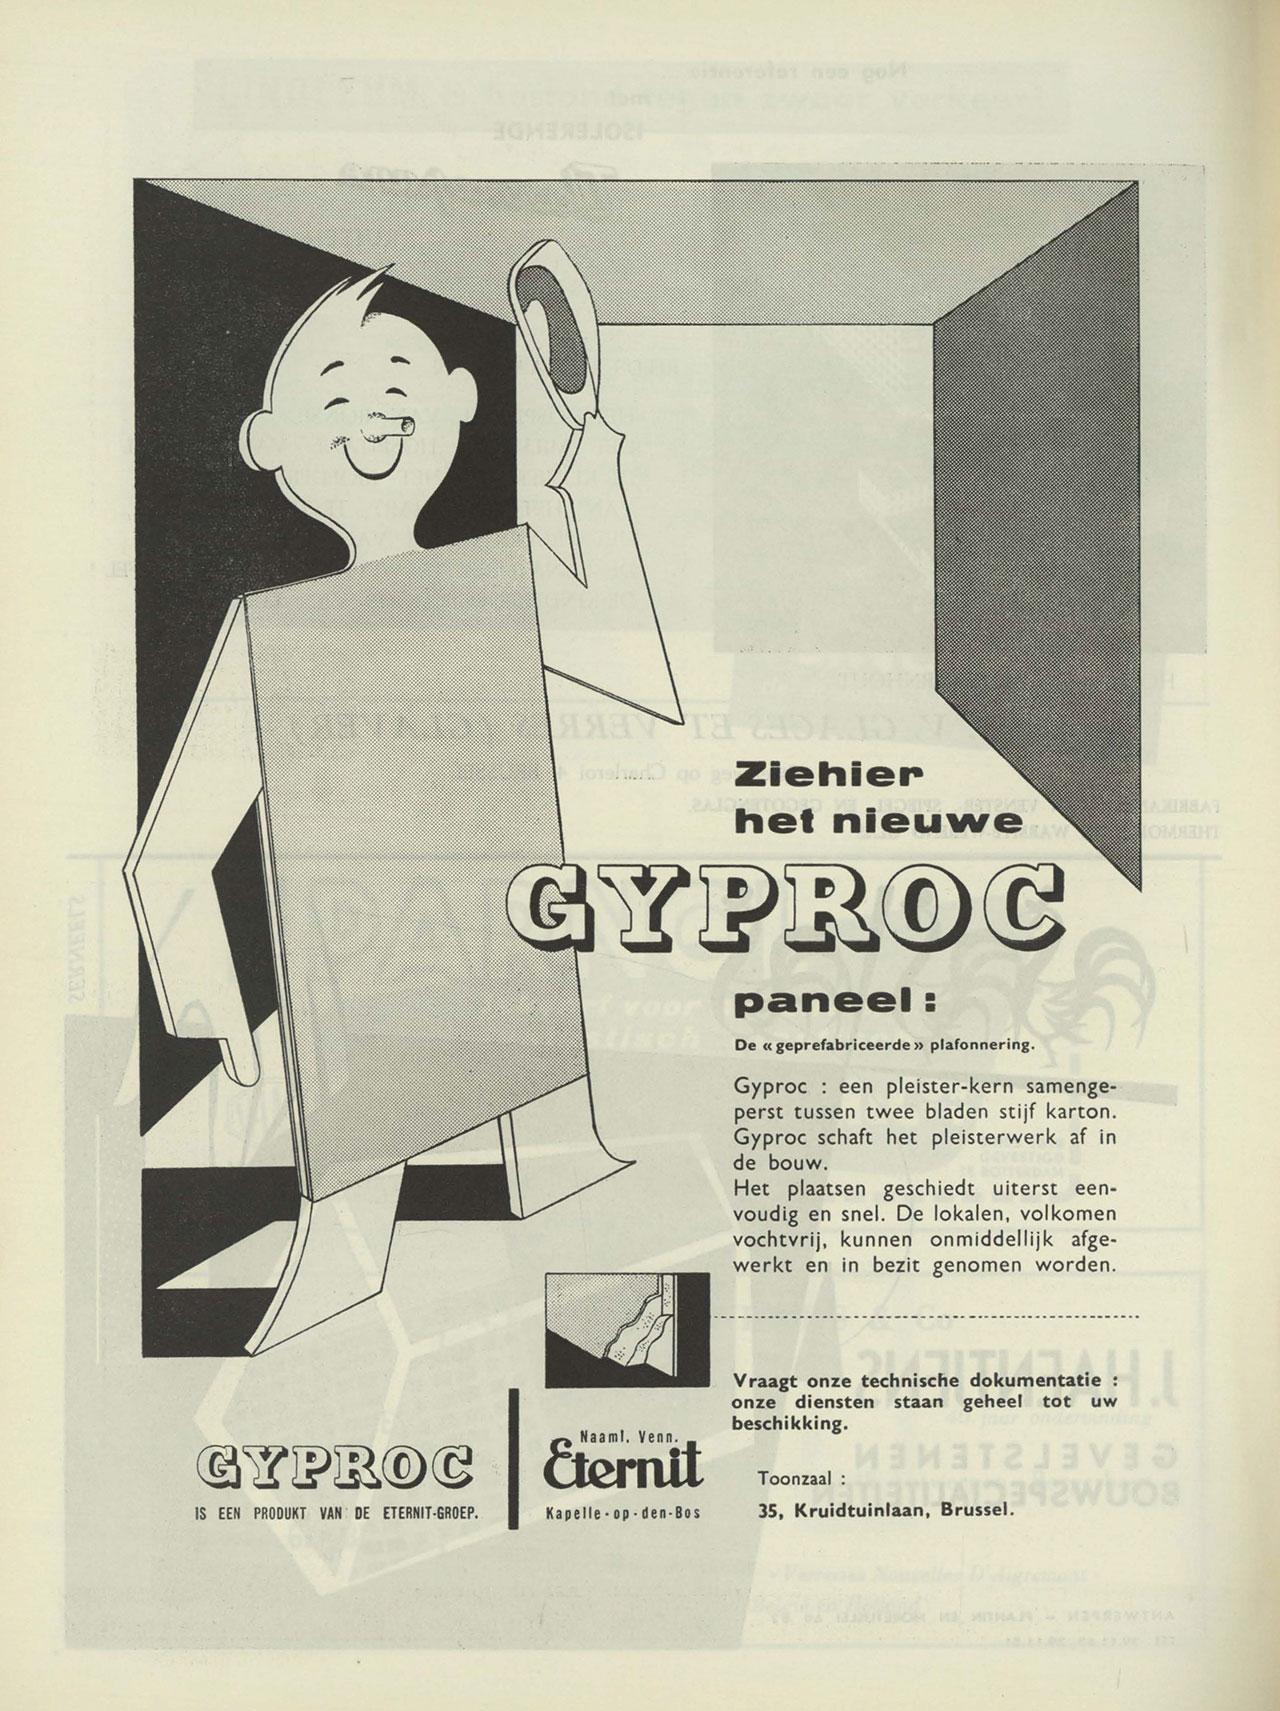 Gyproc B